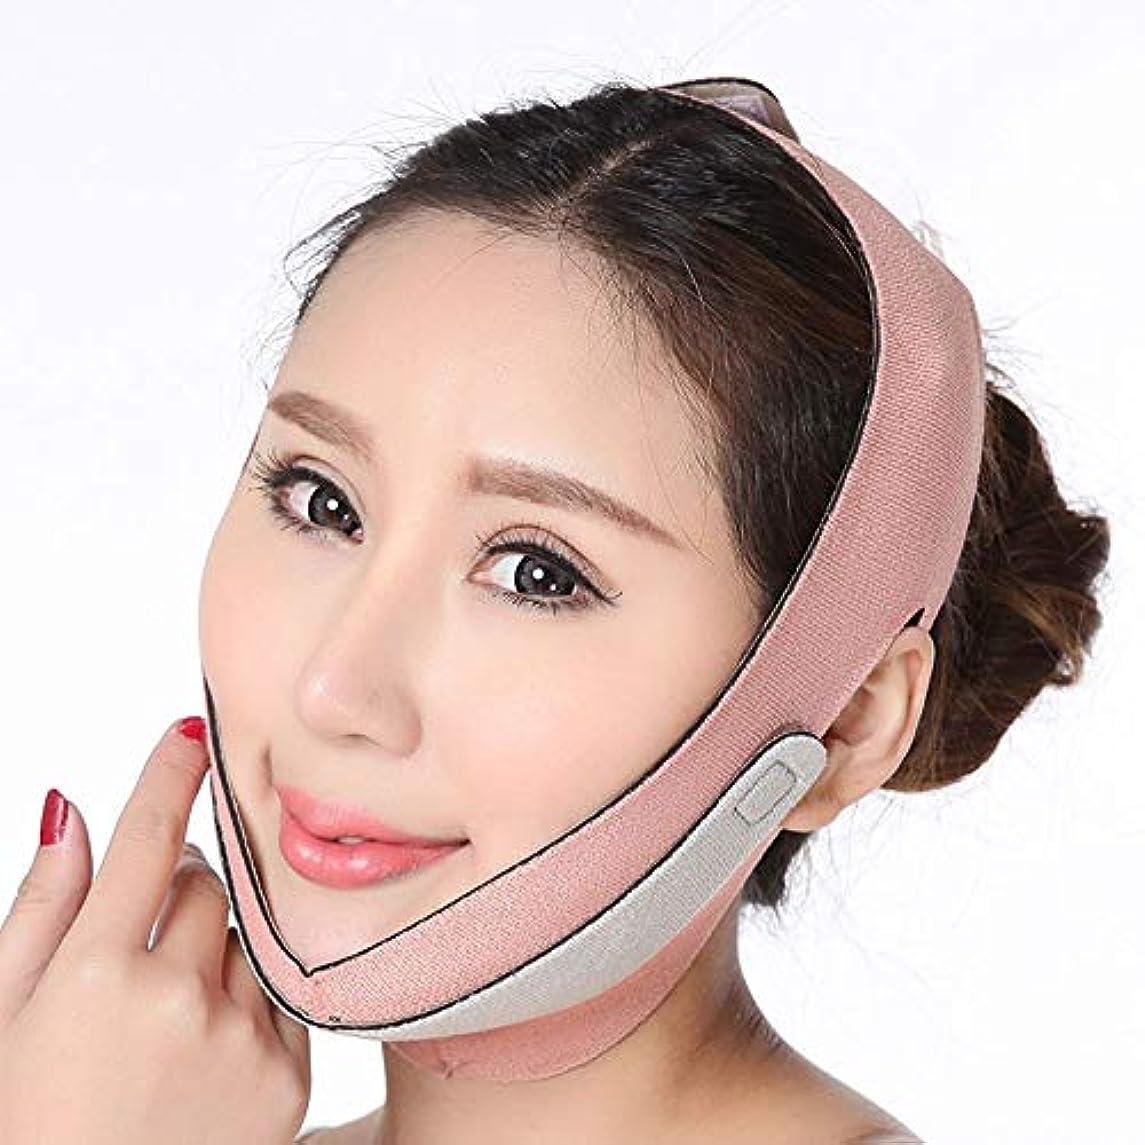 ふざけた手数料要求GYZ シンフェイス包帯シンフェイスマスクフェイスリフトアーティファクトレイズVフェイスシンフェイスフェイスリフティング美容マスク小フェイス包帯 Thin Face Belt (Color : A)